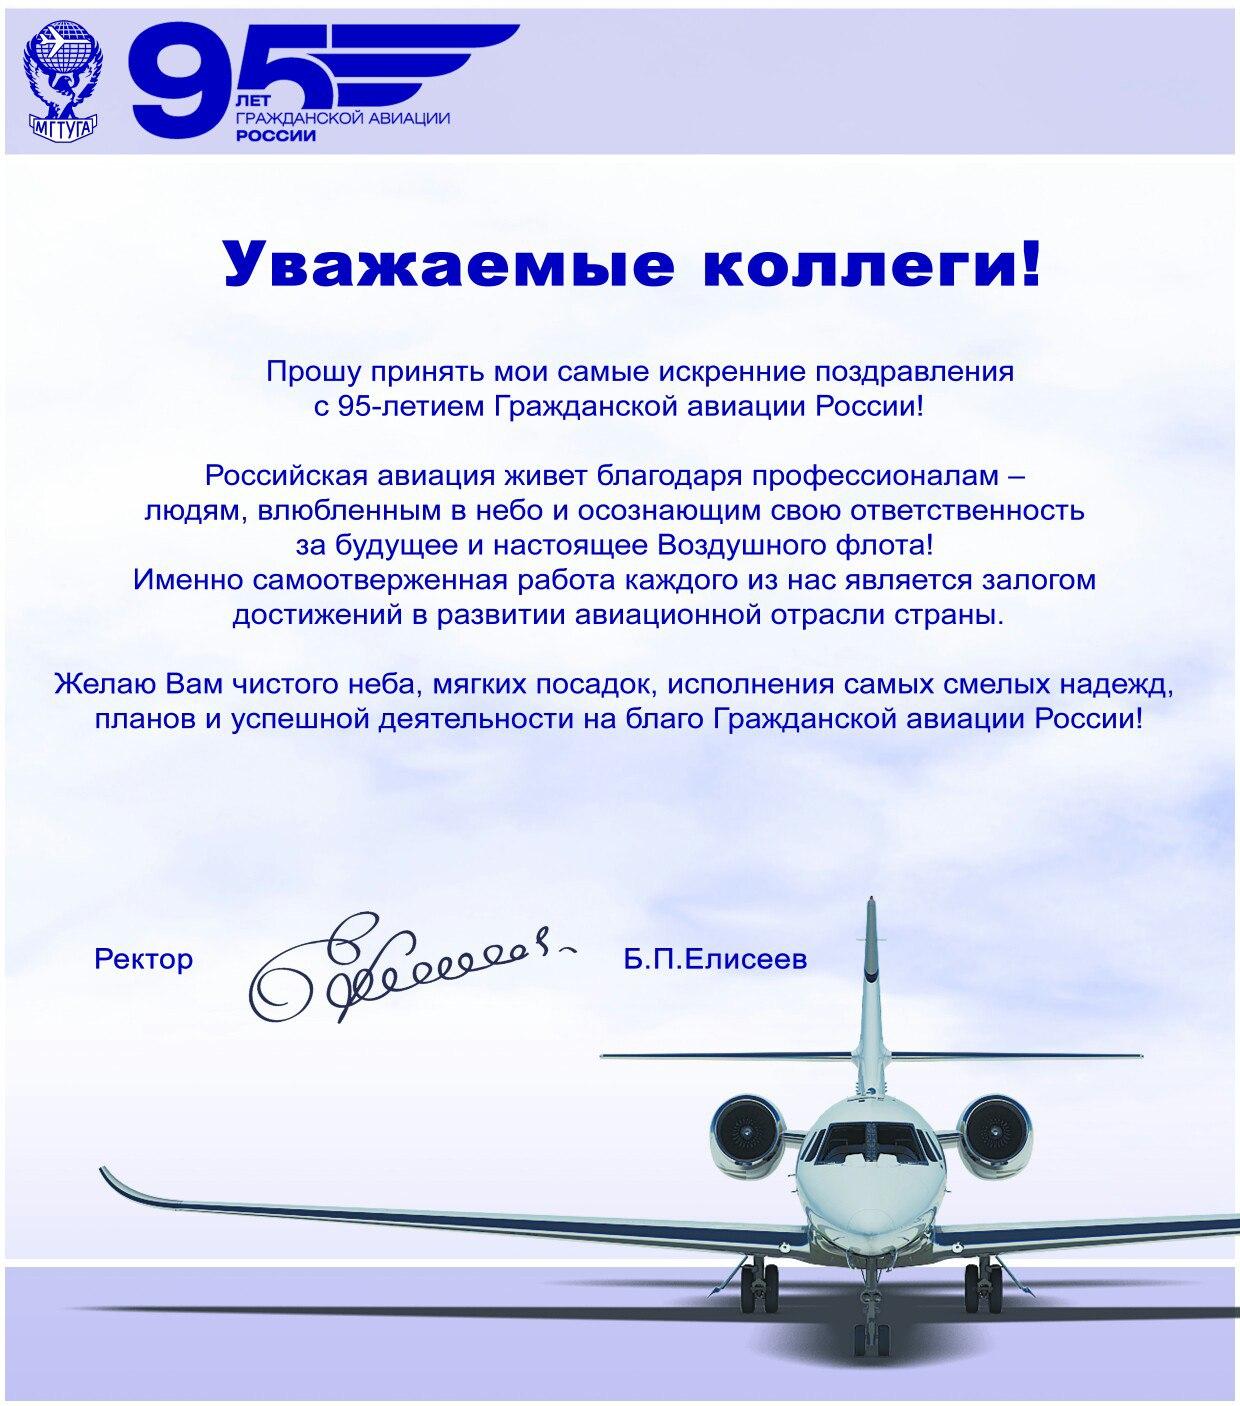 Поздравление директору авиакомпании